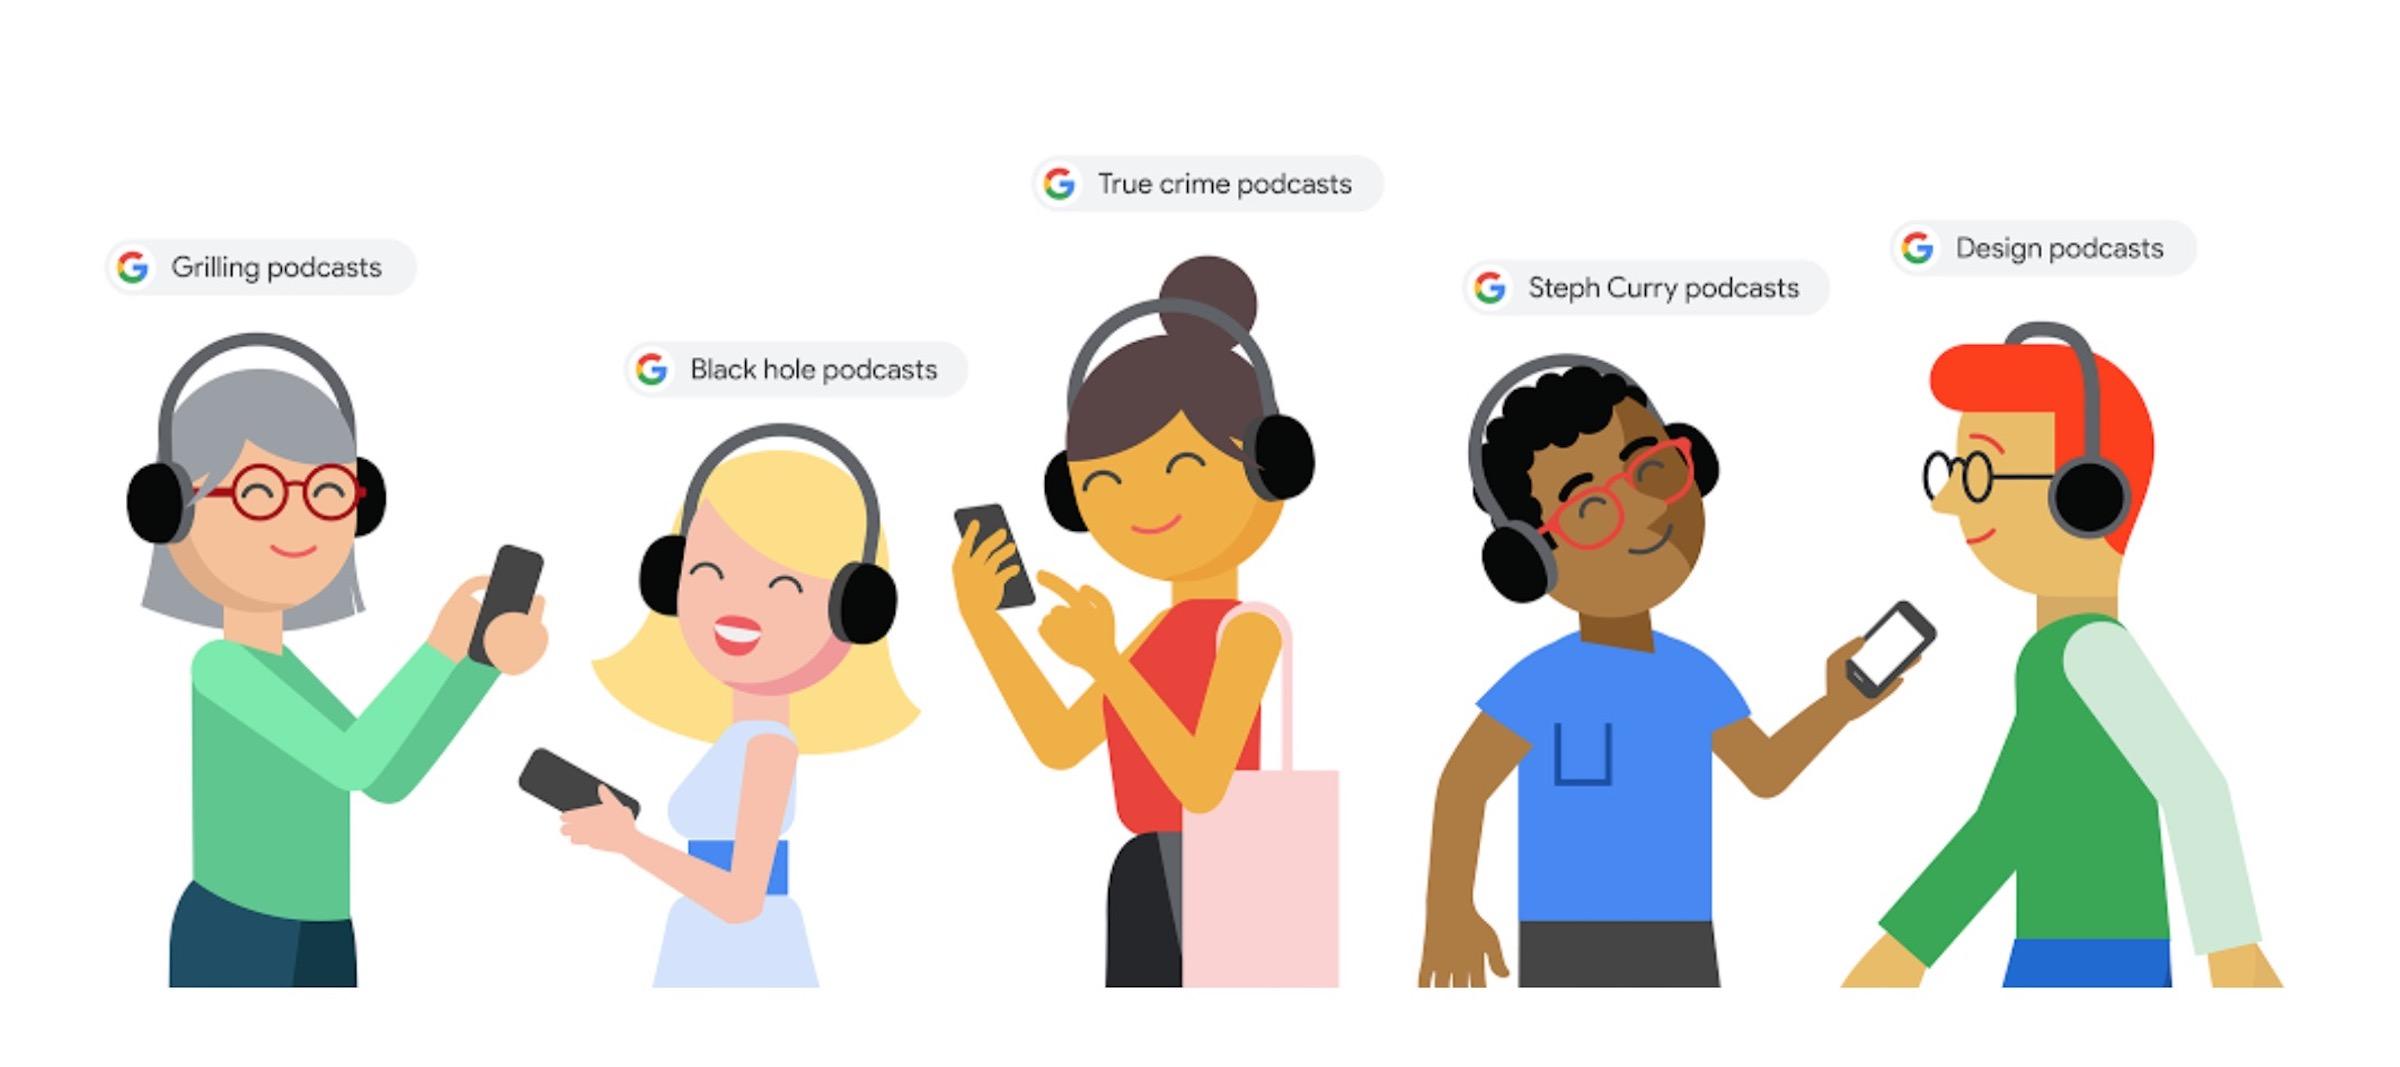 Google Suche wird nun auch für Podcasts optimiert